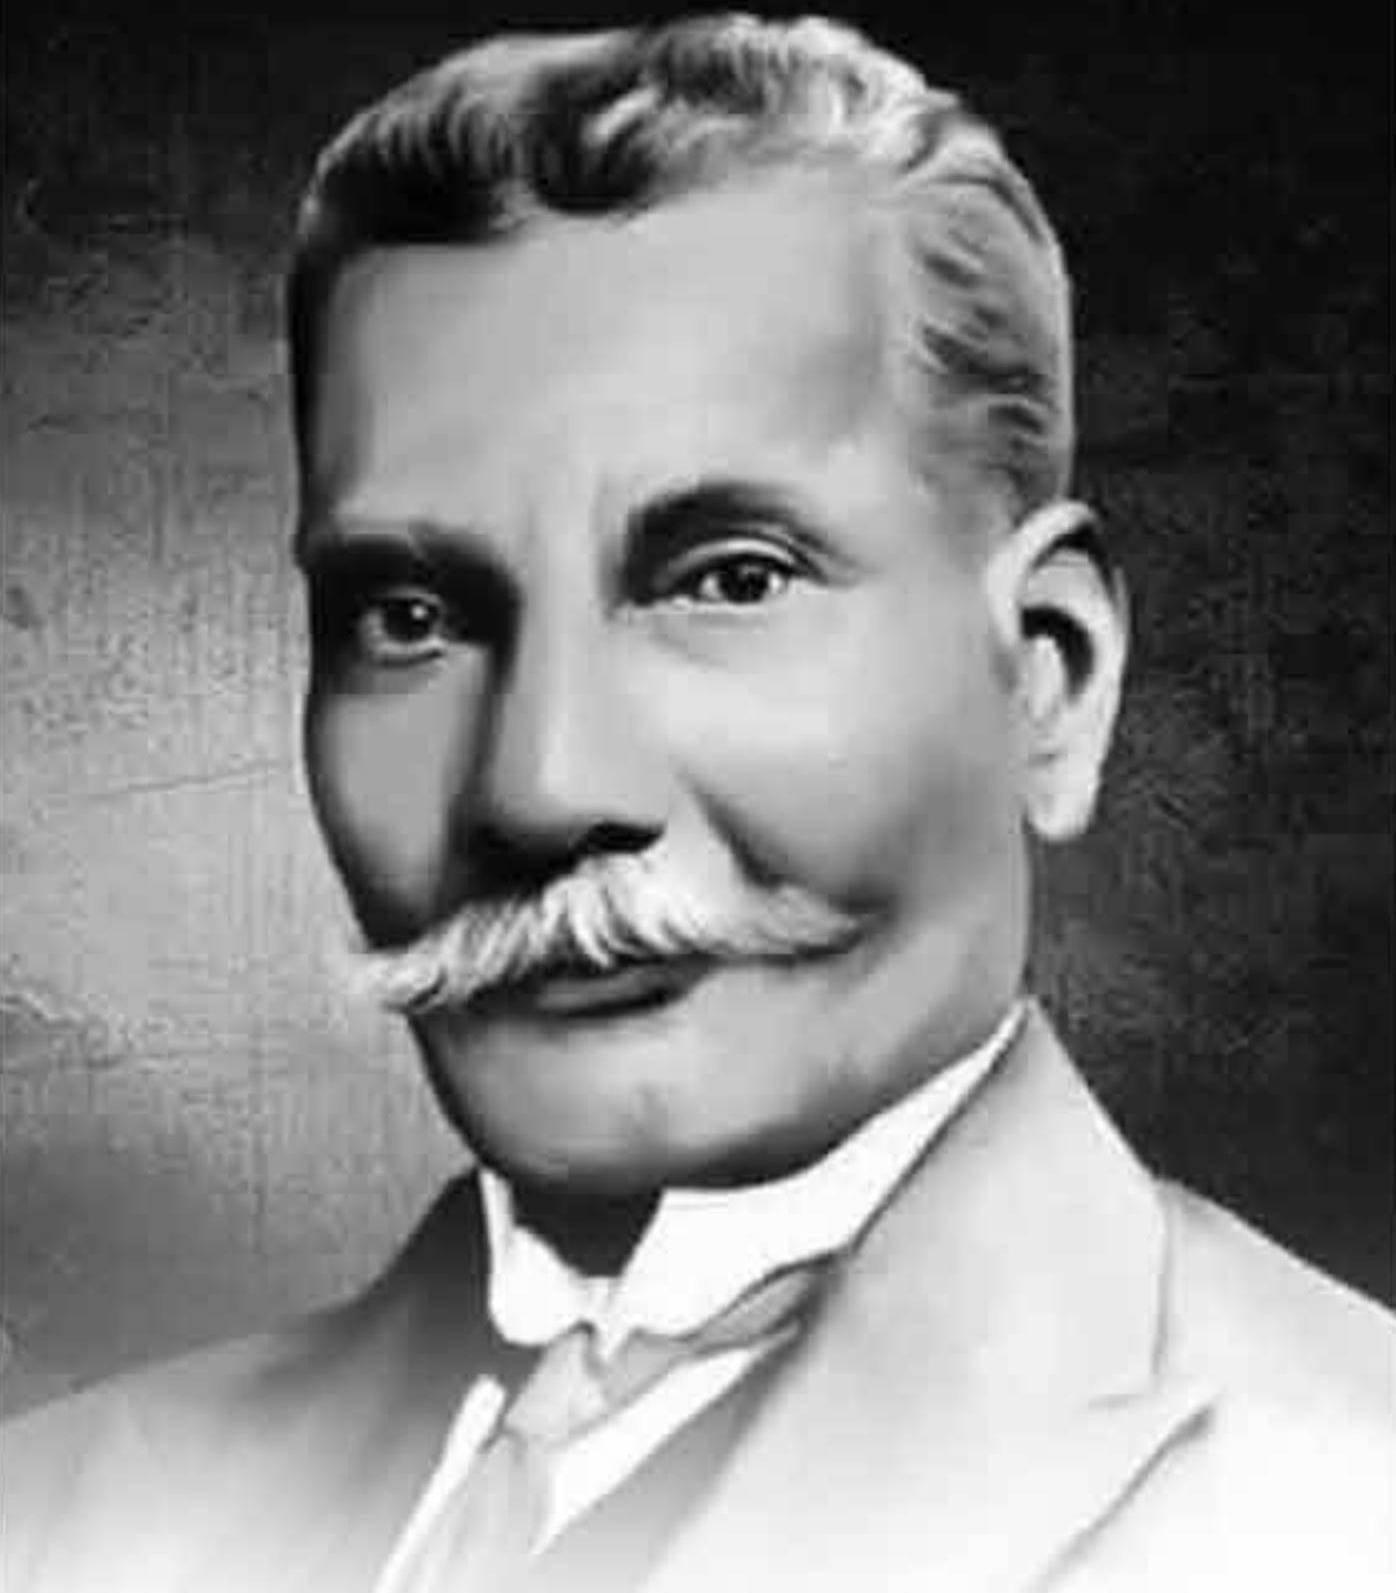 வட்டமேசை மாநாட்டில் பங்கேற்ற இரட்டை மலைசீனிவாசன் (கி.பி.1859-1945)